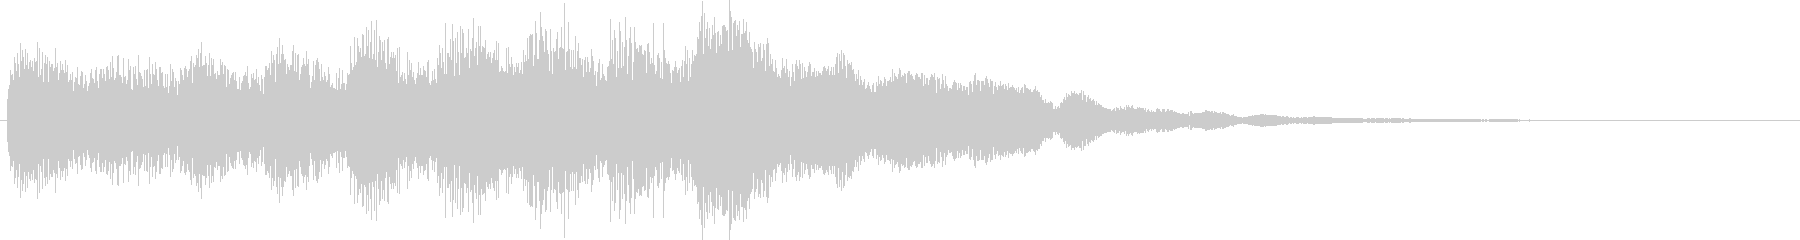 おしらせチャイム(カリヨン)の未再生の波形